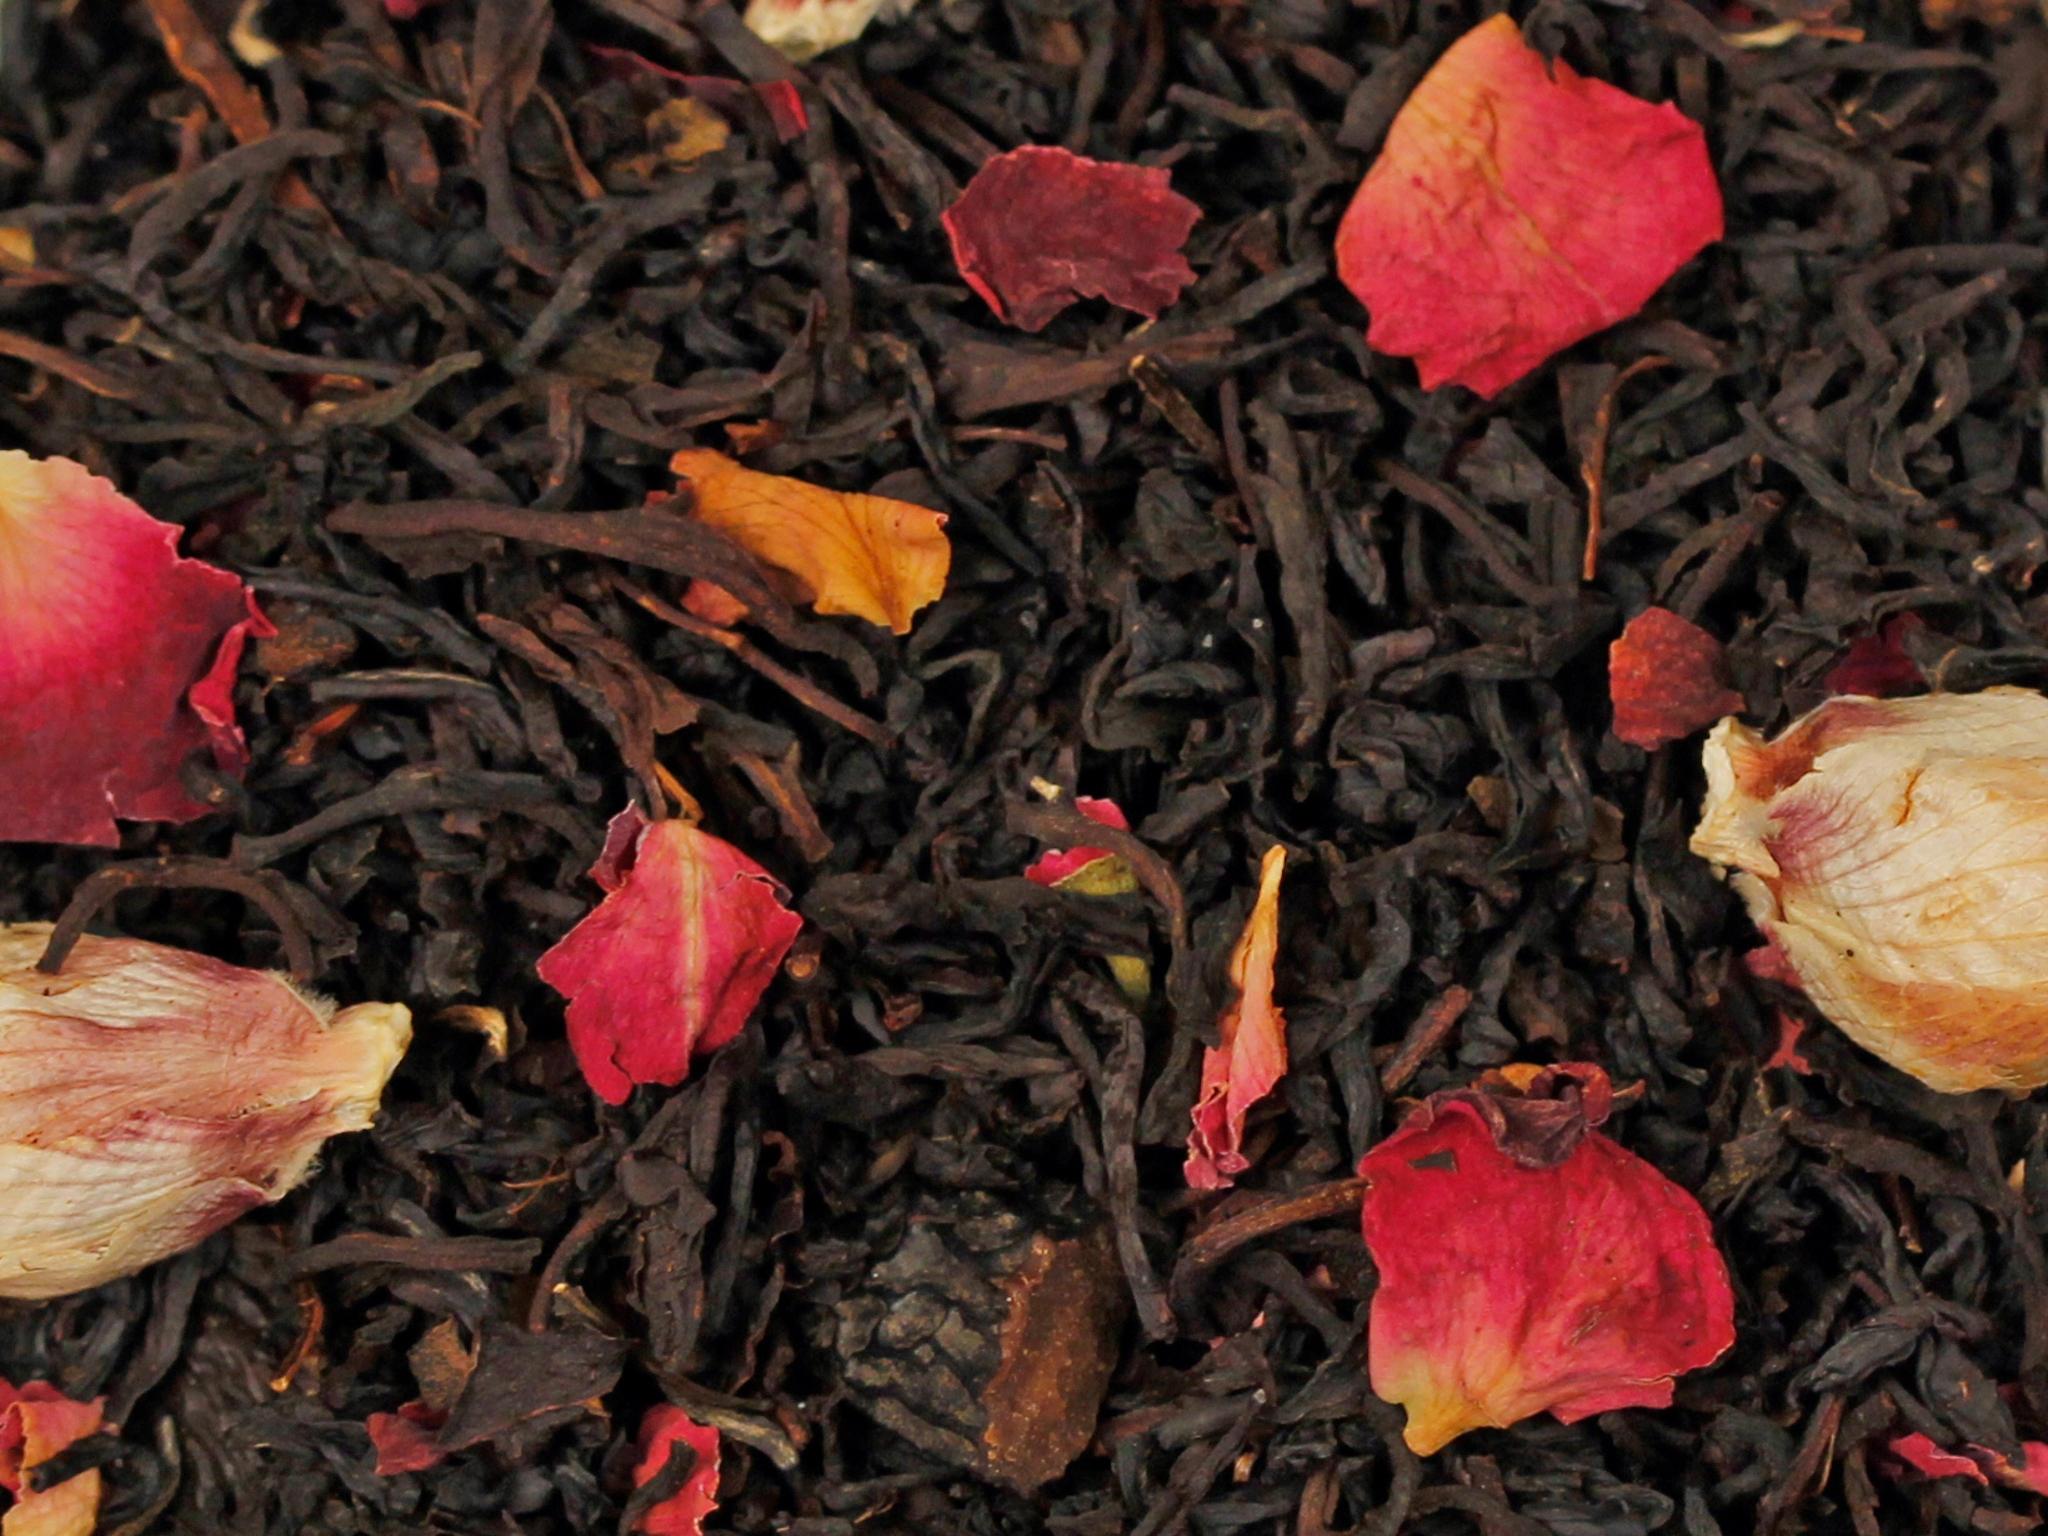 Tonkabohne natürlich, Schwarzer Tee